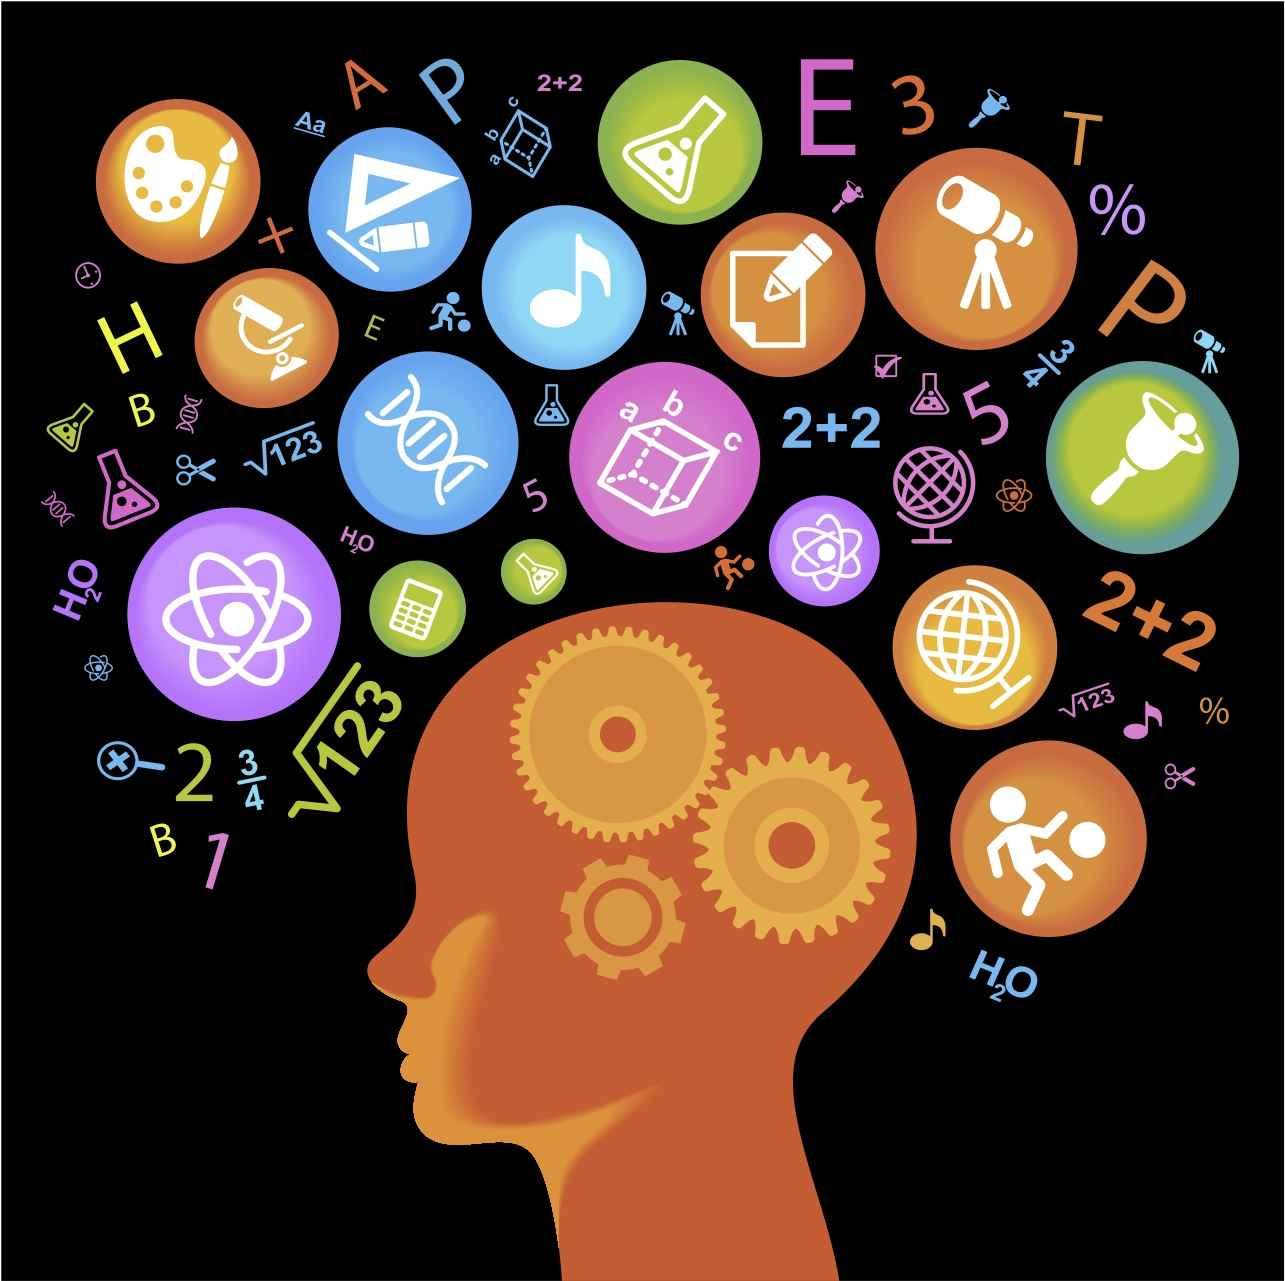 سوالات تخصصی تکنولوژی آموزش استخدامی آموزش و پرورش